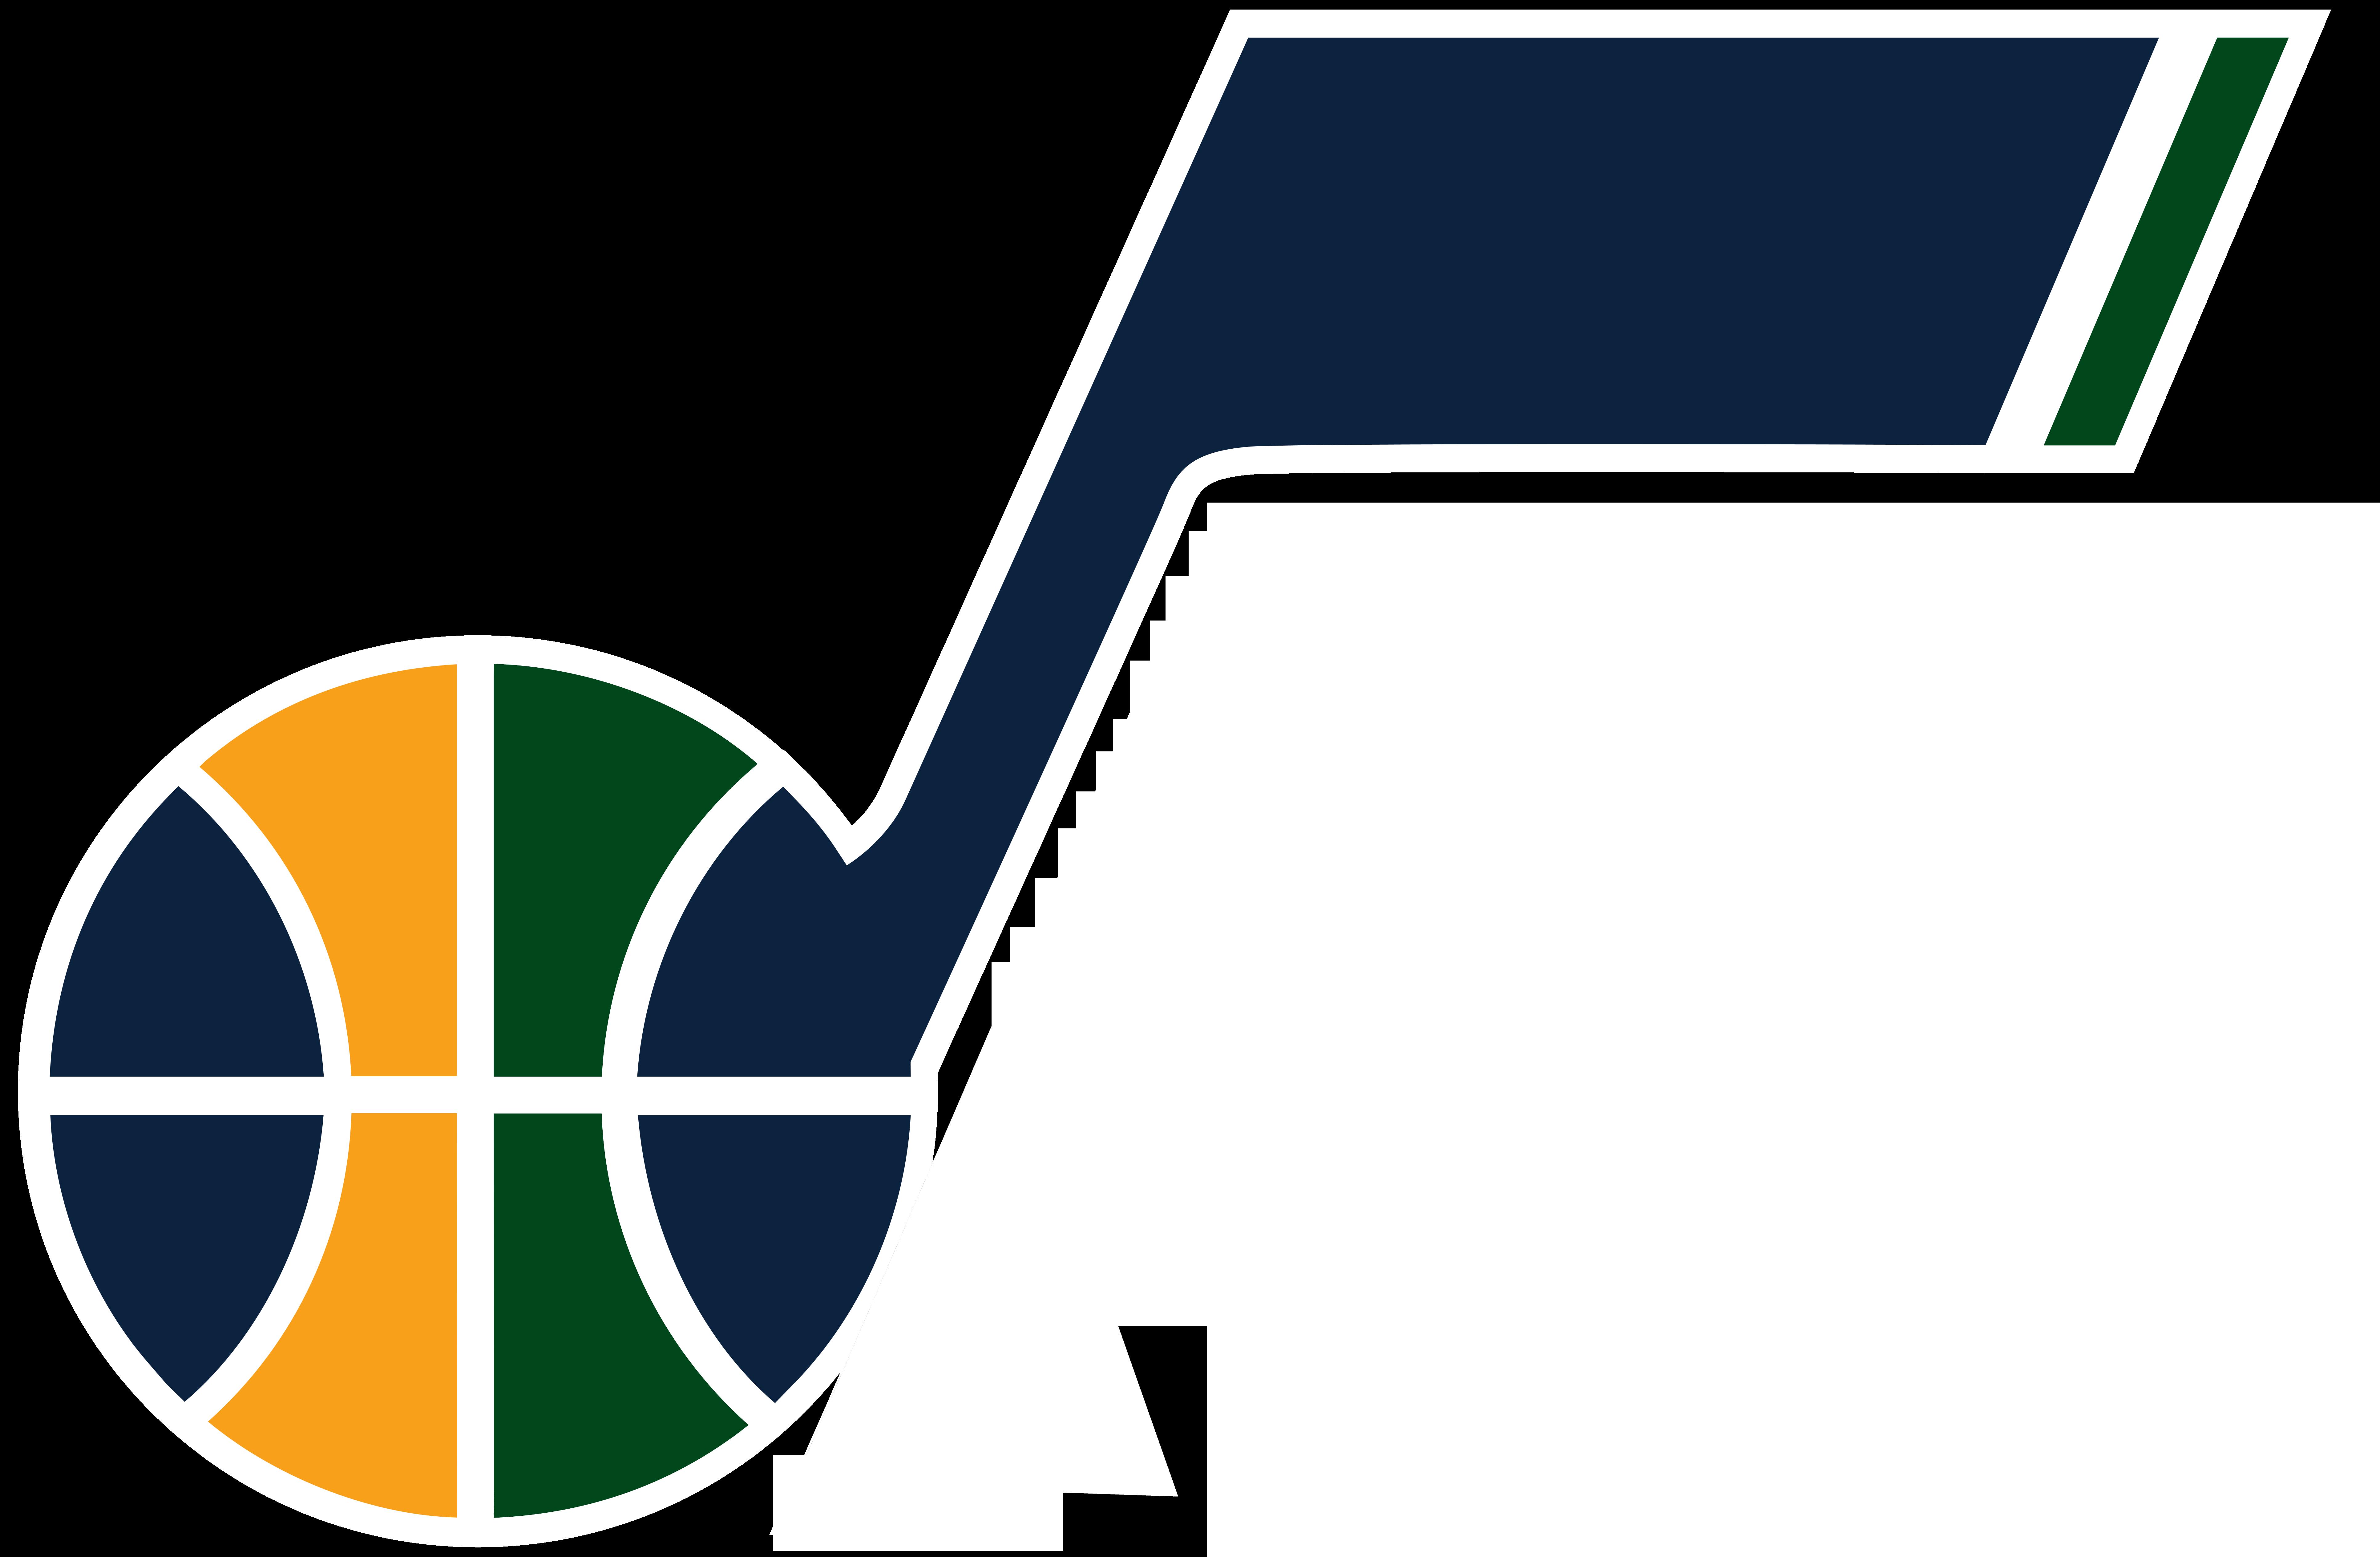 Utah Jazz Logos Download